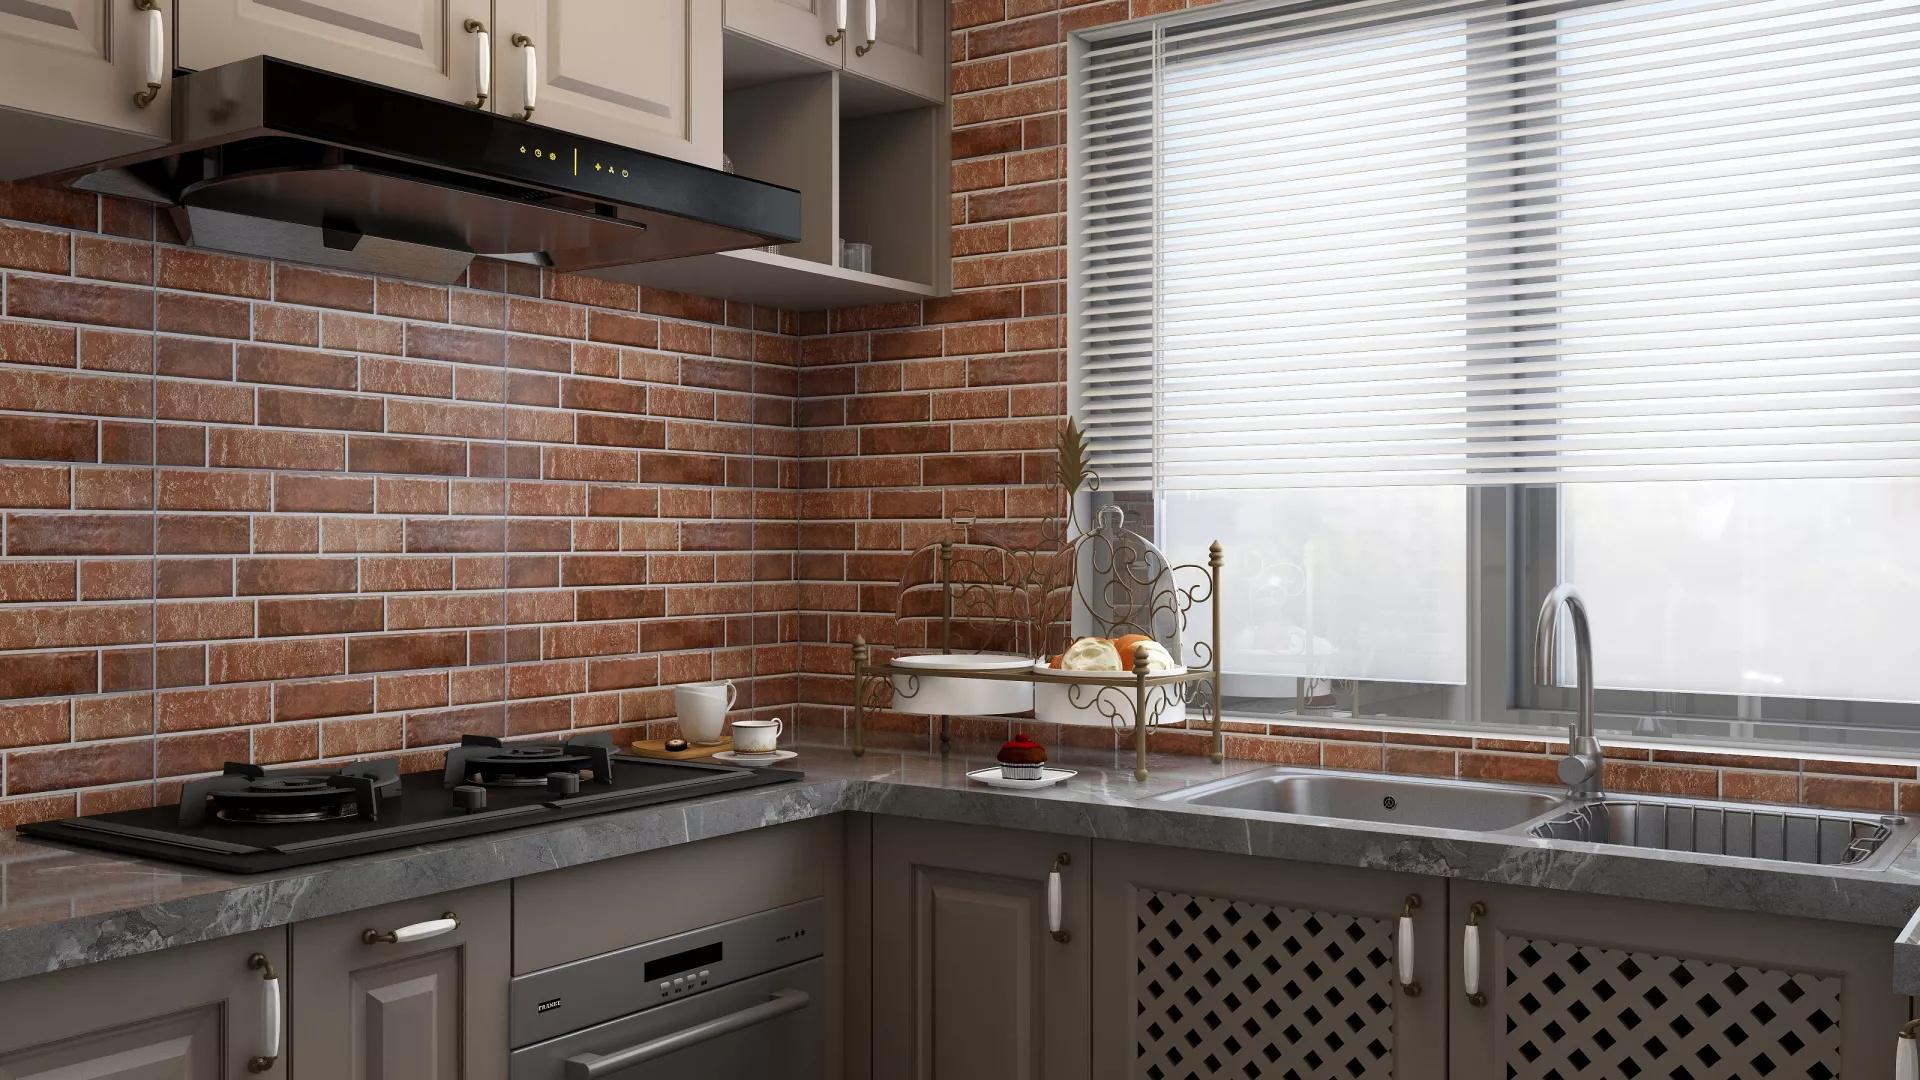 客厅中式装修效果图向你提供更多2018年精彩的中式客厅装修案例,各种不同风格的客厅中式装修图片,甚至是部分业主的客厅中式装修实景图,欢迎喜爱中式装修风格的顾客欣赏品鉴。  宽565x349高  显示比例:100%